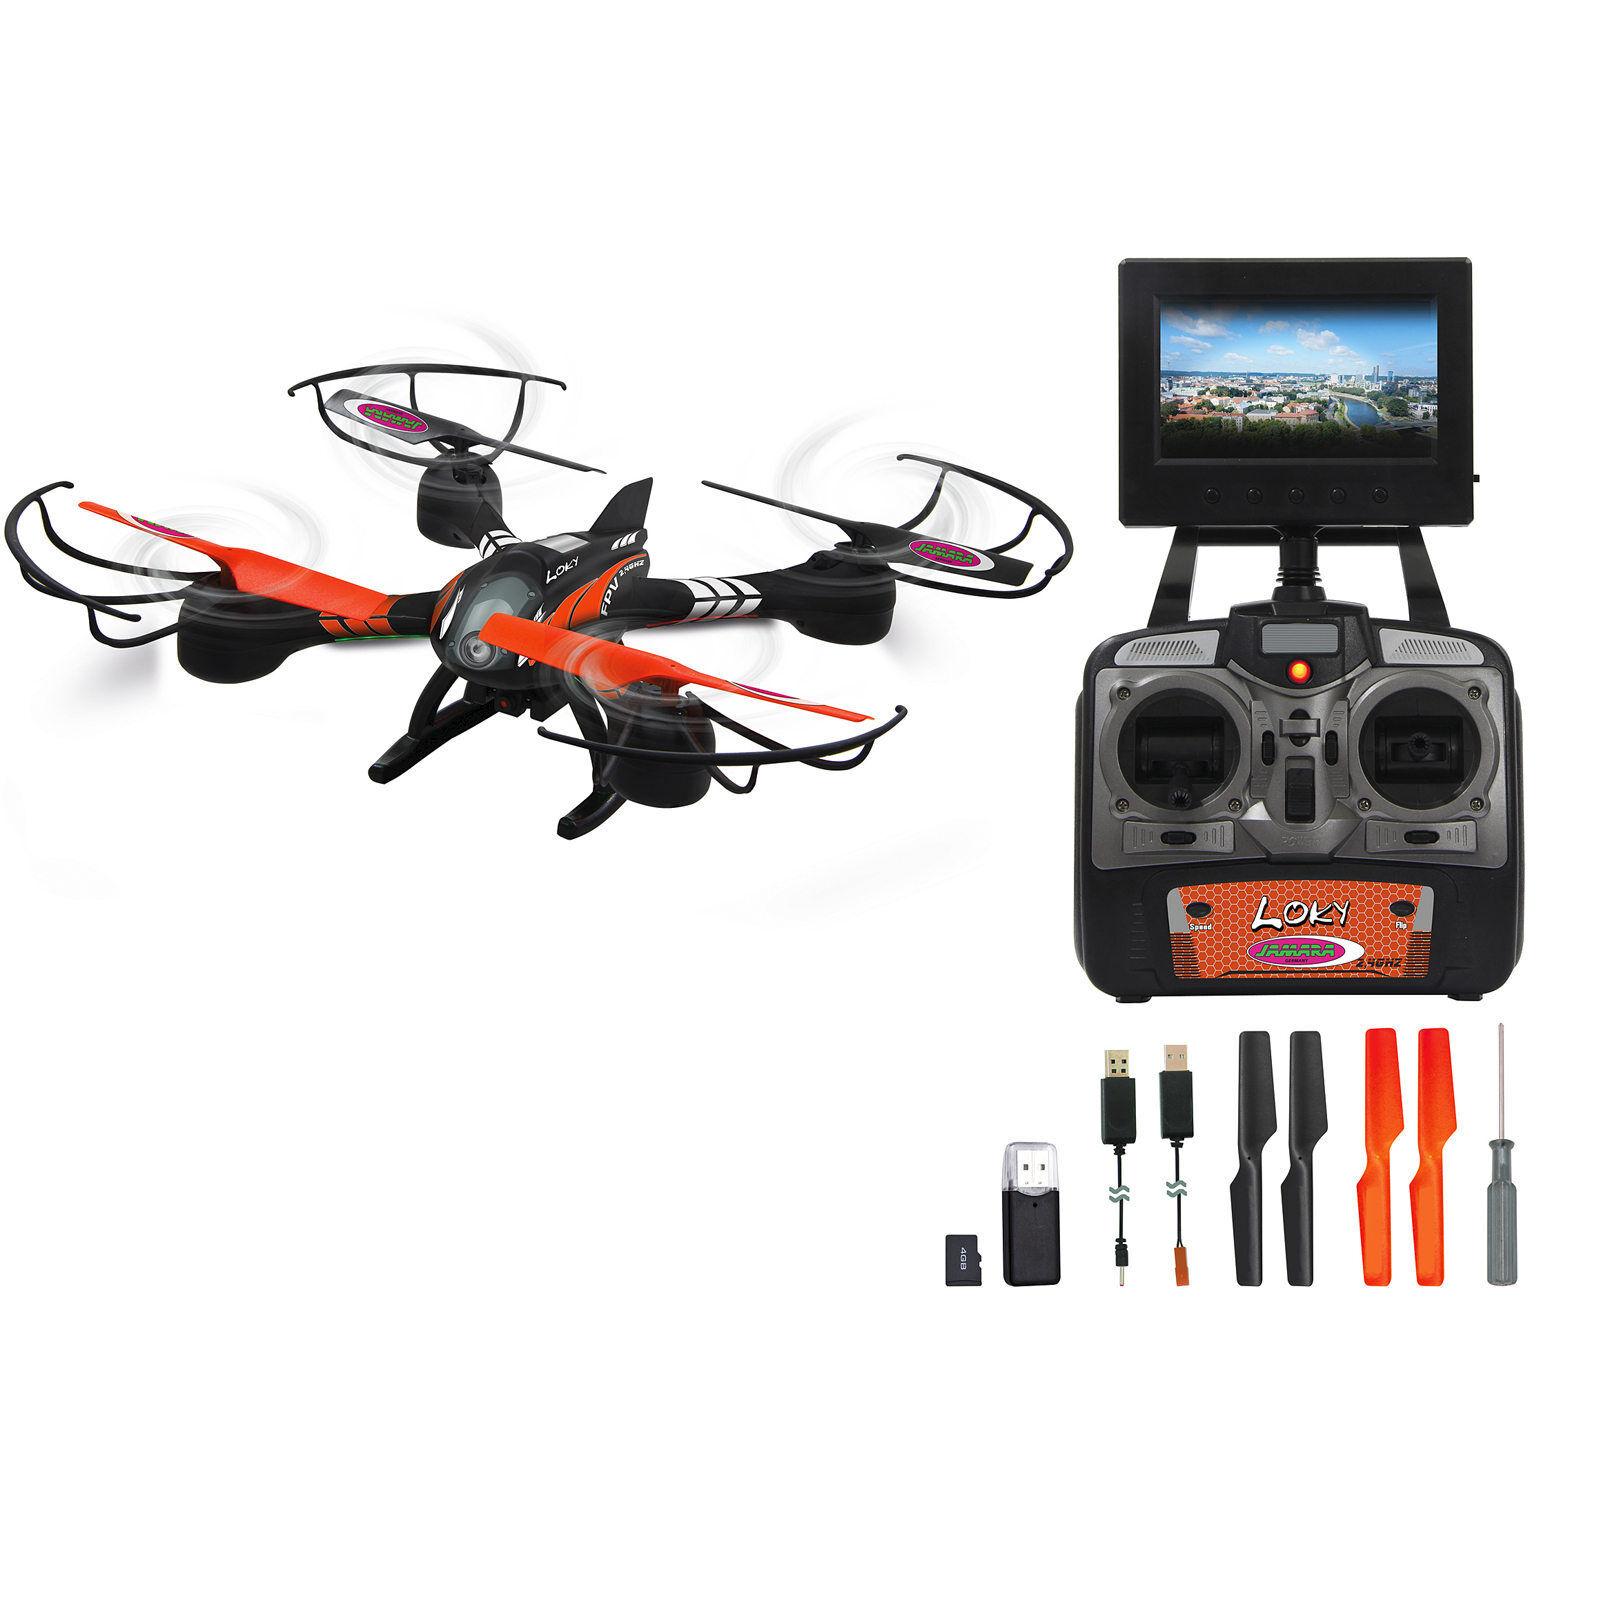 Jamara loky FPV ahp + quadrocopter 422001, con cámara